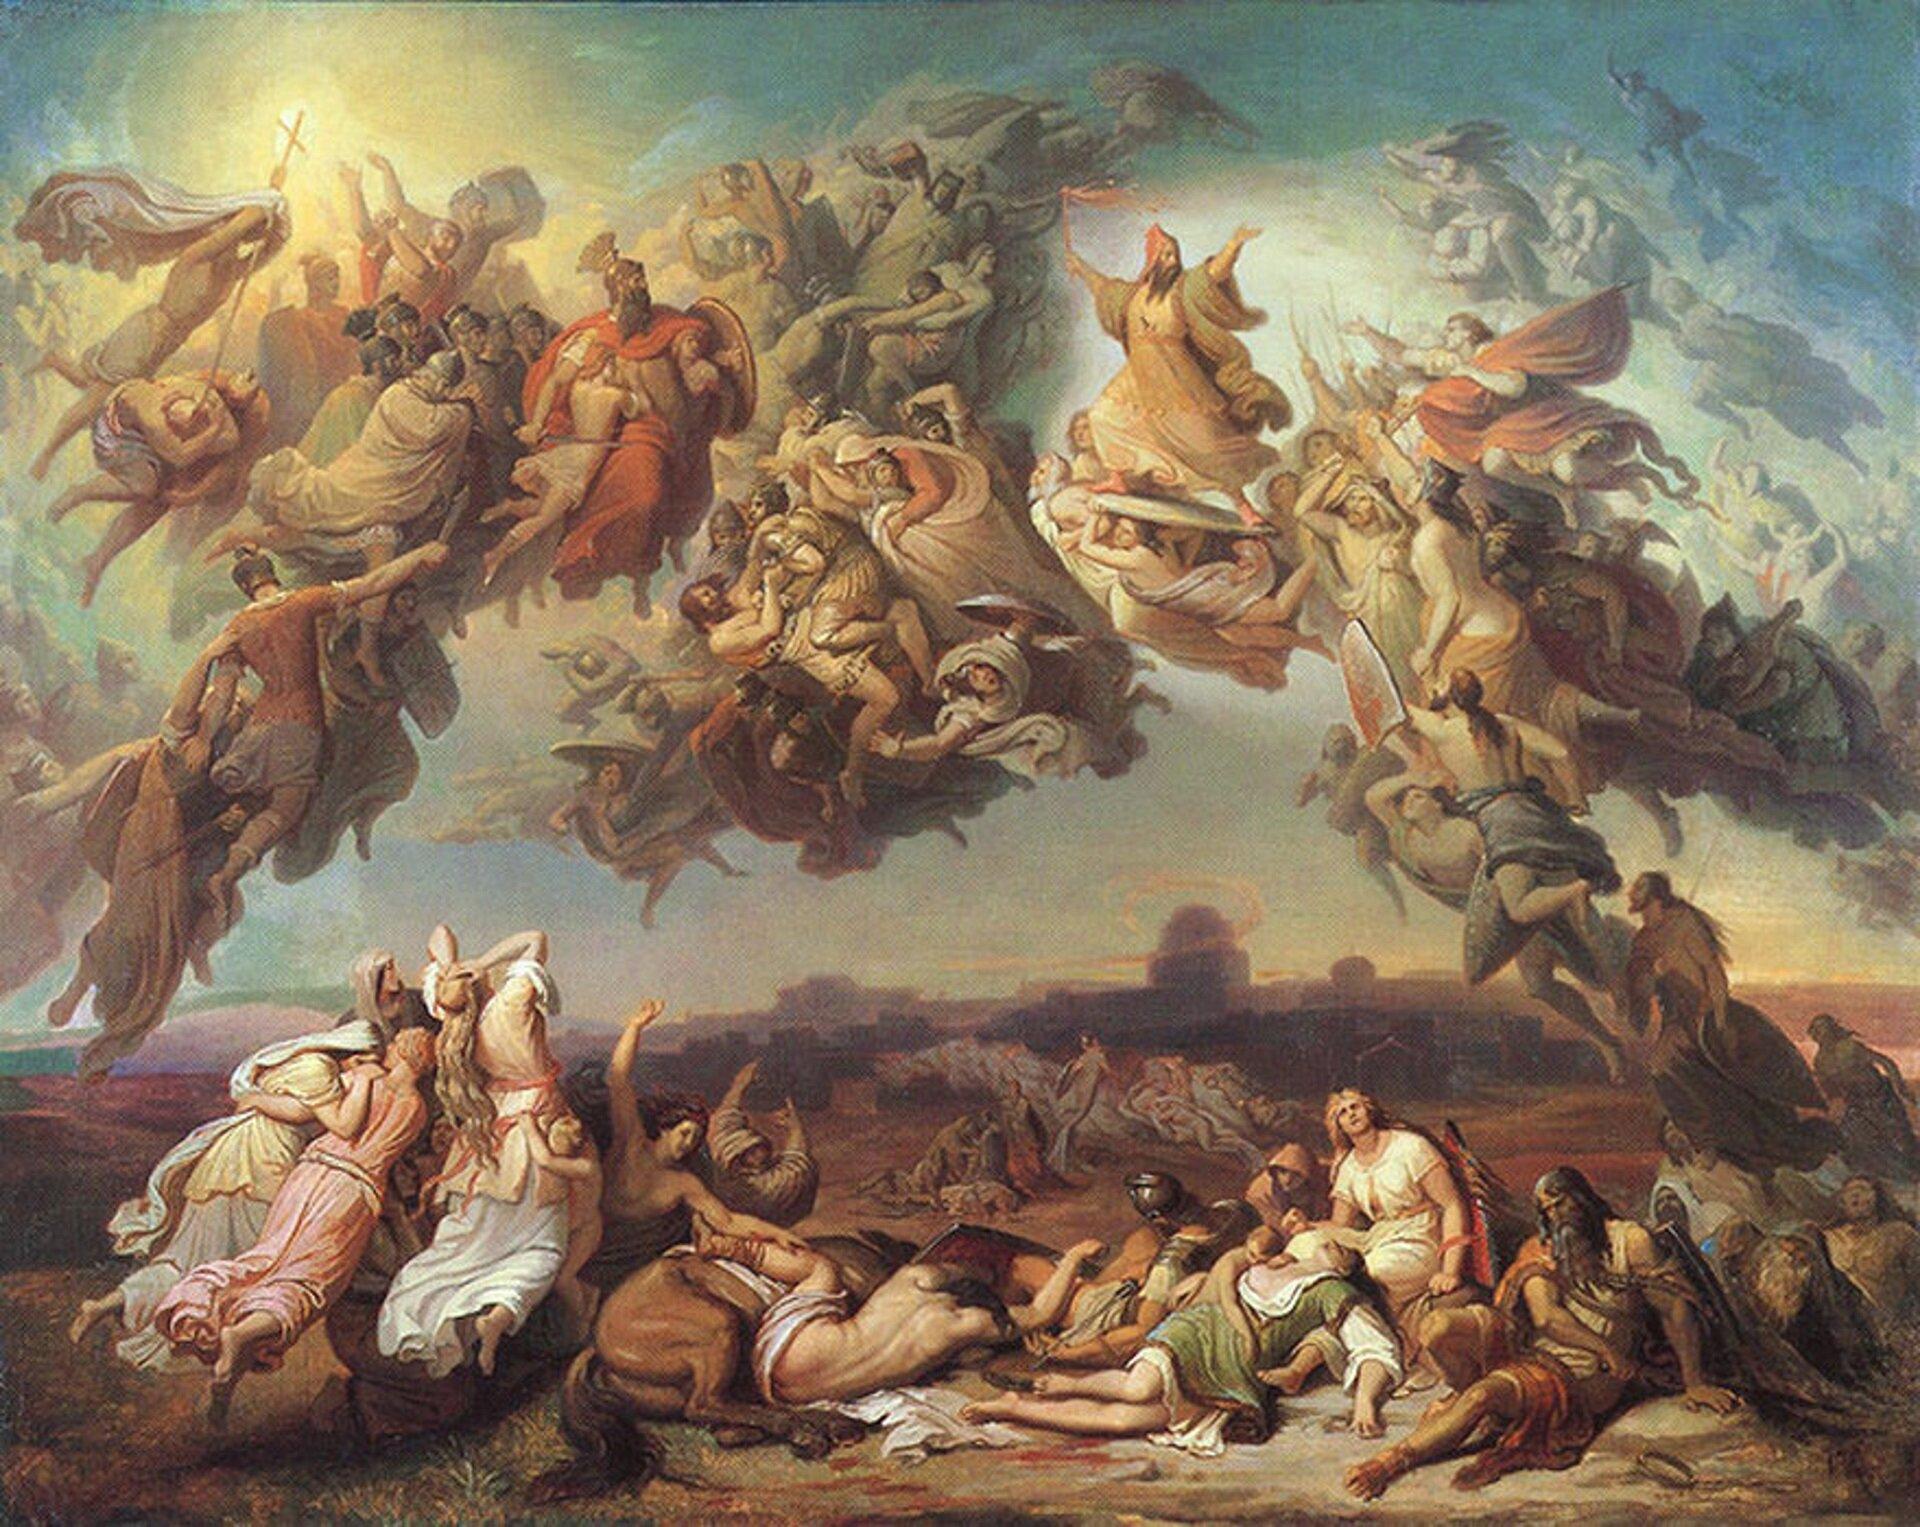 """Ilustracja przedstawia obraz Wilhelma von Kaulbacha """"Bitwa Hunów"""". Na obrazie widzimy walczących między sobą ludzi, którzy odziani są wszaty. Obraz podzielony jest na dwie części: walczących na ziemi inad powierzchnią. Płótno zainspirowało w1854 roku Franciszka Liszta do skomponowania poematu symfonicznego pod tym samym tytułem."""